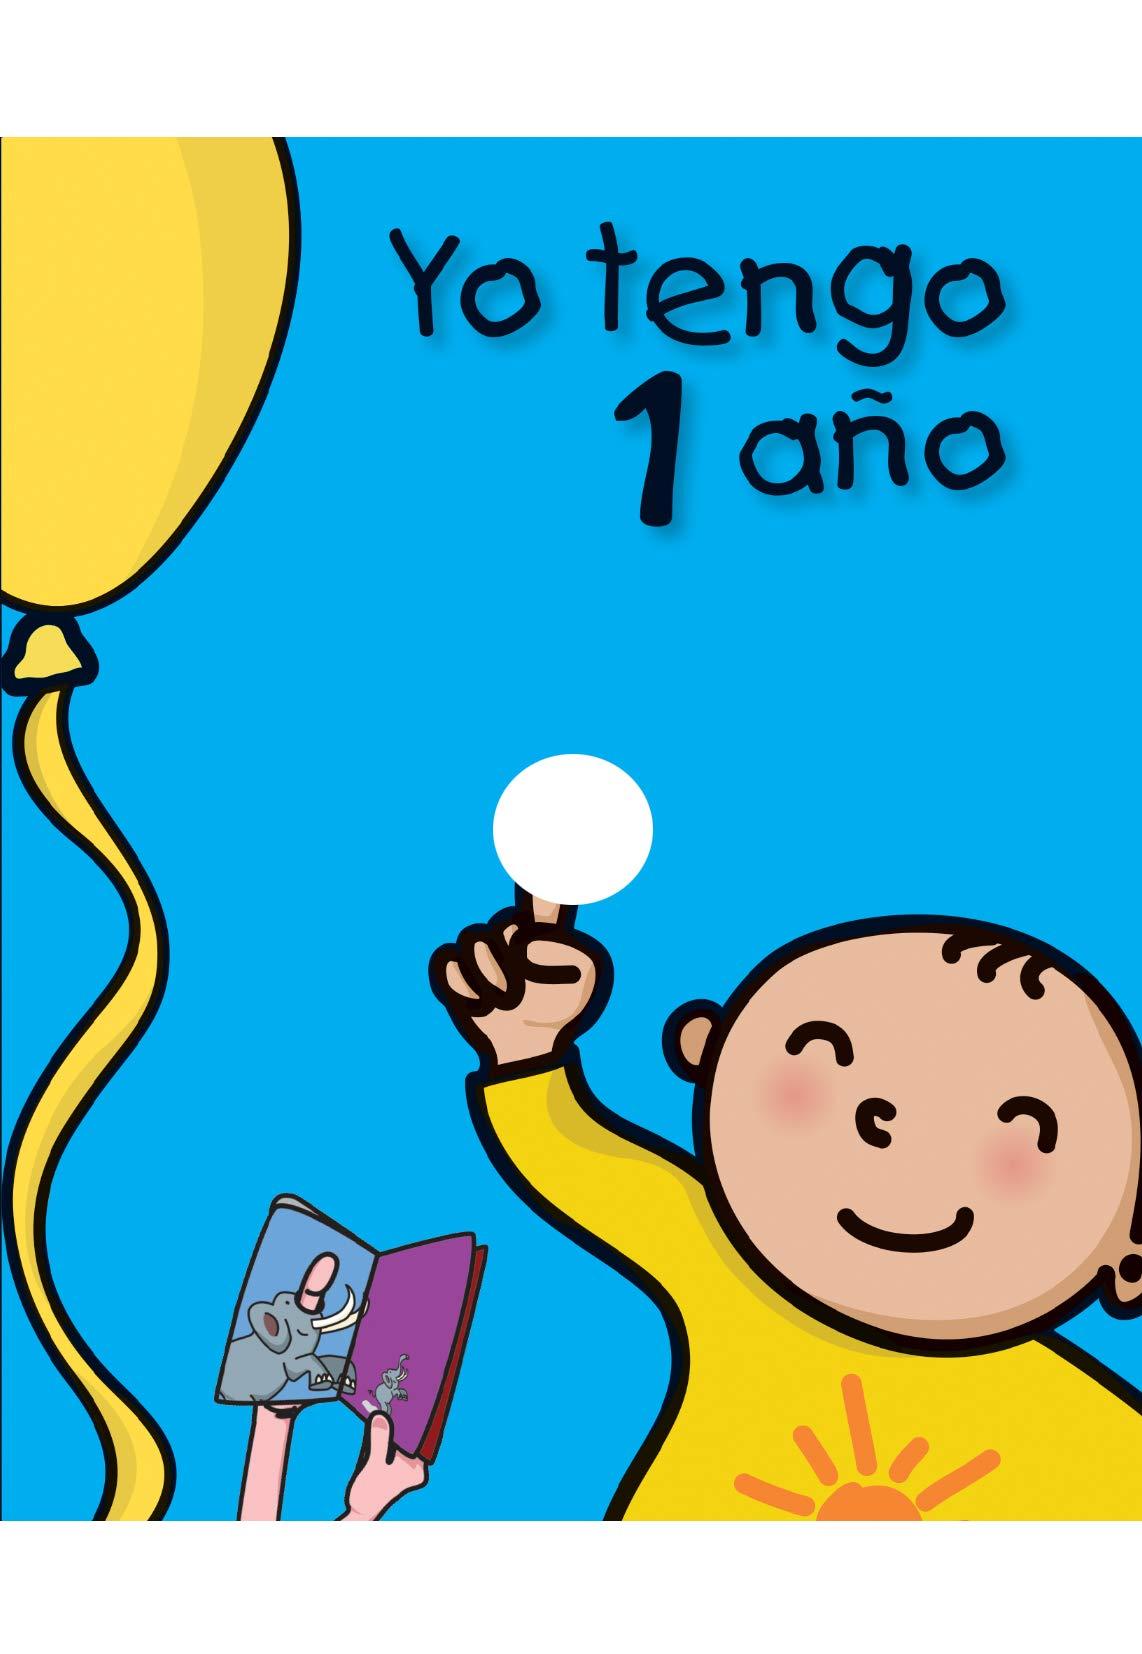 Yo tengo 1 año (Mi cumpleaños): Amazon.es: Rosa Collado ...